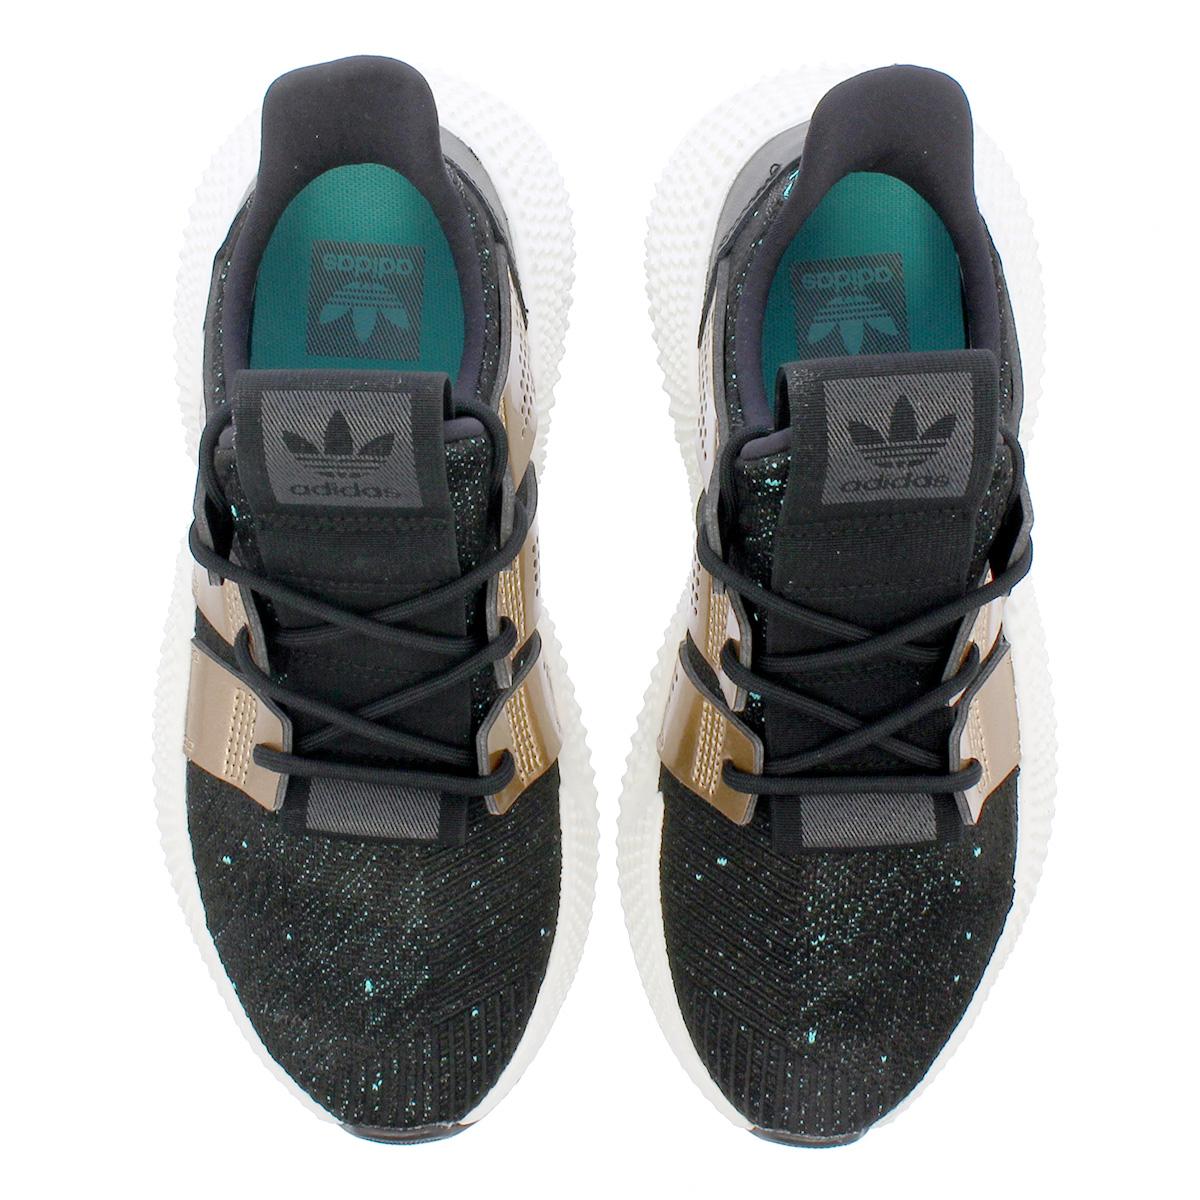 18b9c1d4674e adidas PROPHERE W Adidas pro Fear W CORE BLACK LIGHT COPPER MET HI-RES AQUA